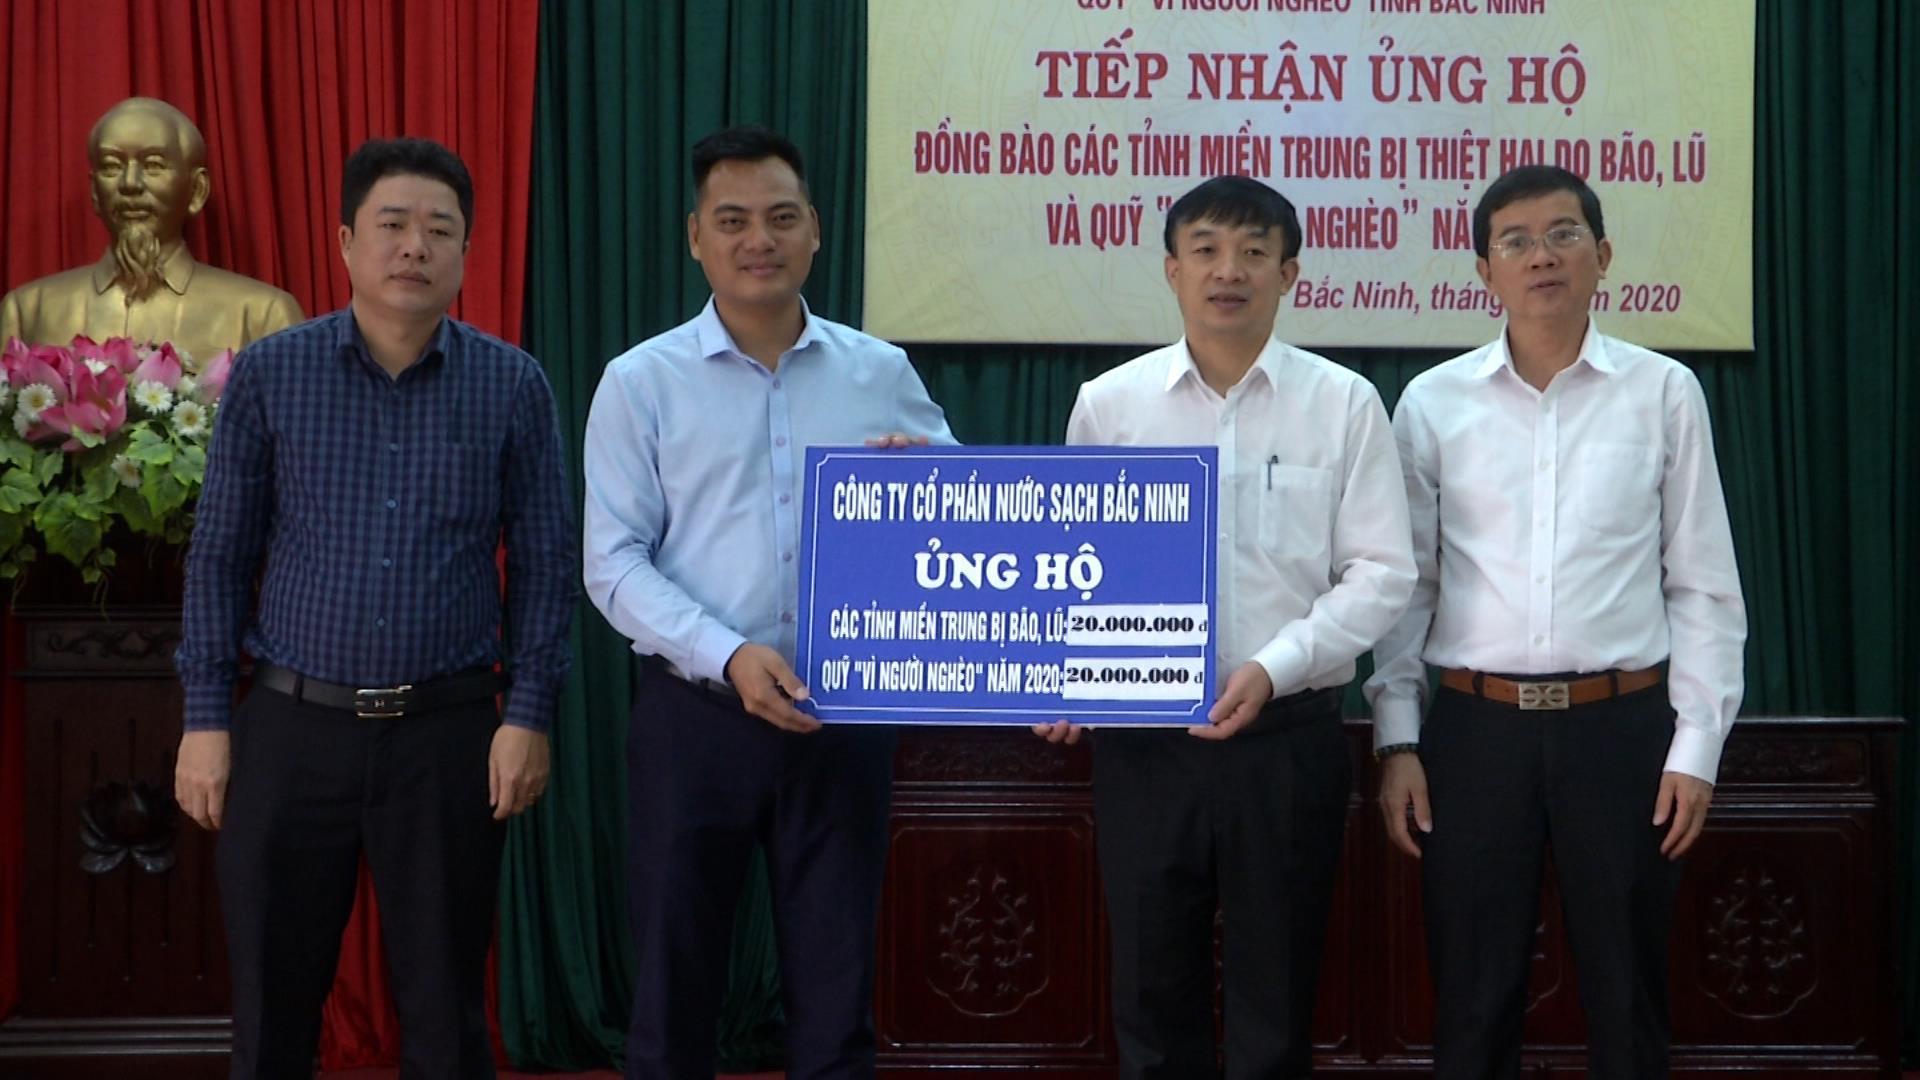 Uỷ ban MTTQ tỉnh tiếp nhận ủng hộ đồng bào các tỉnh miền Trung và Quỹ Vì người nghèo năm 2020